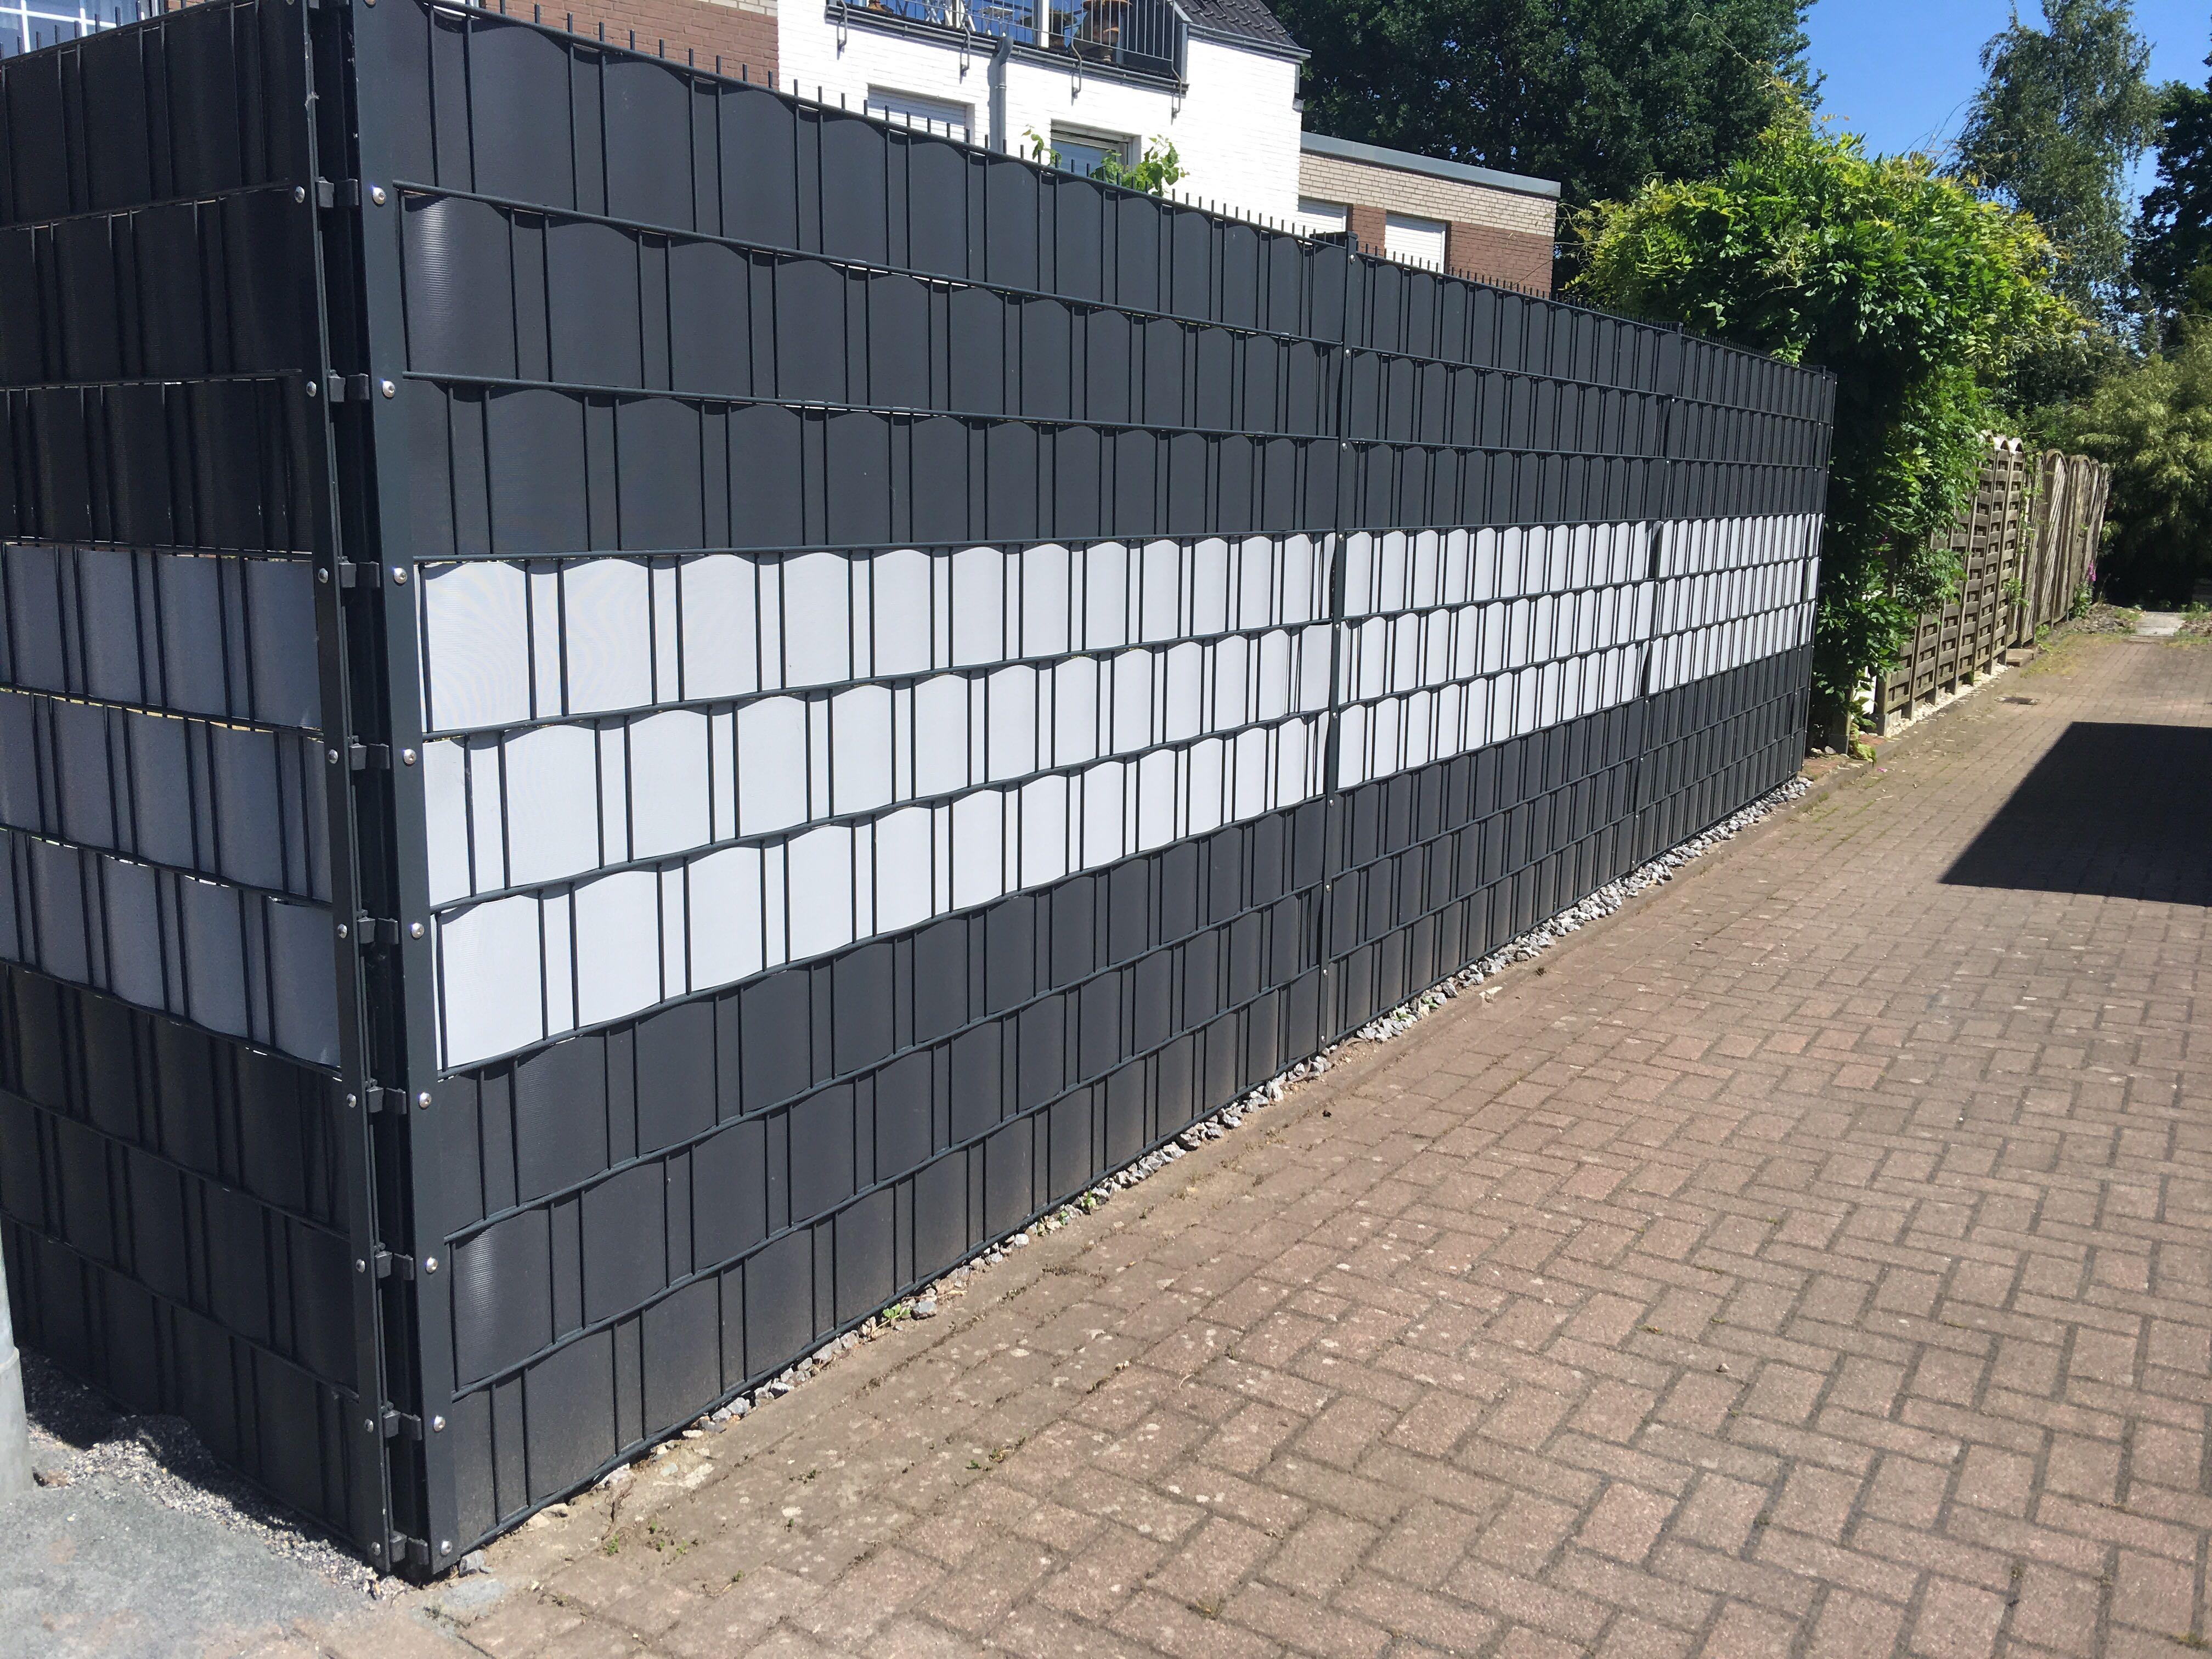 Stein Zäune günstig bei Zaunspatz24 kaufen